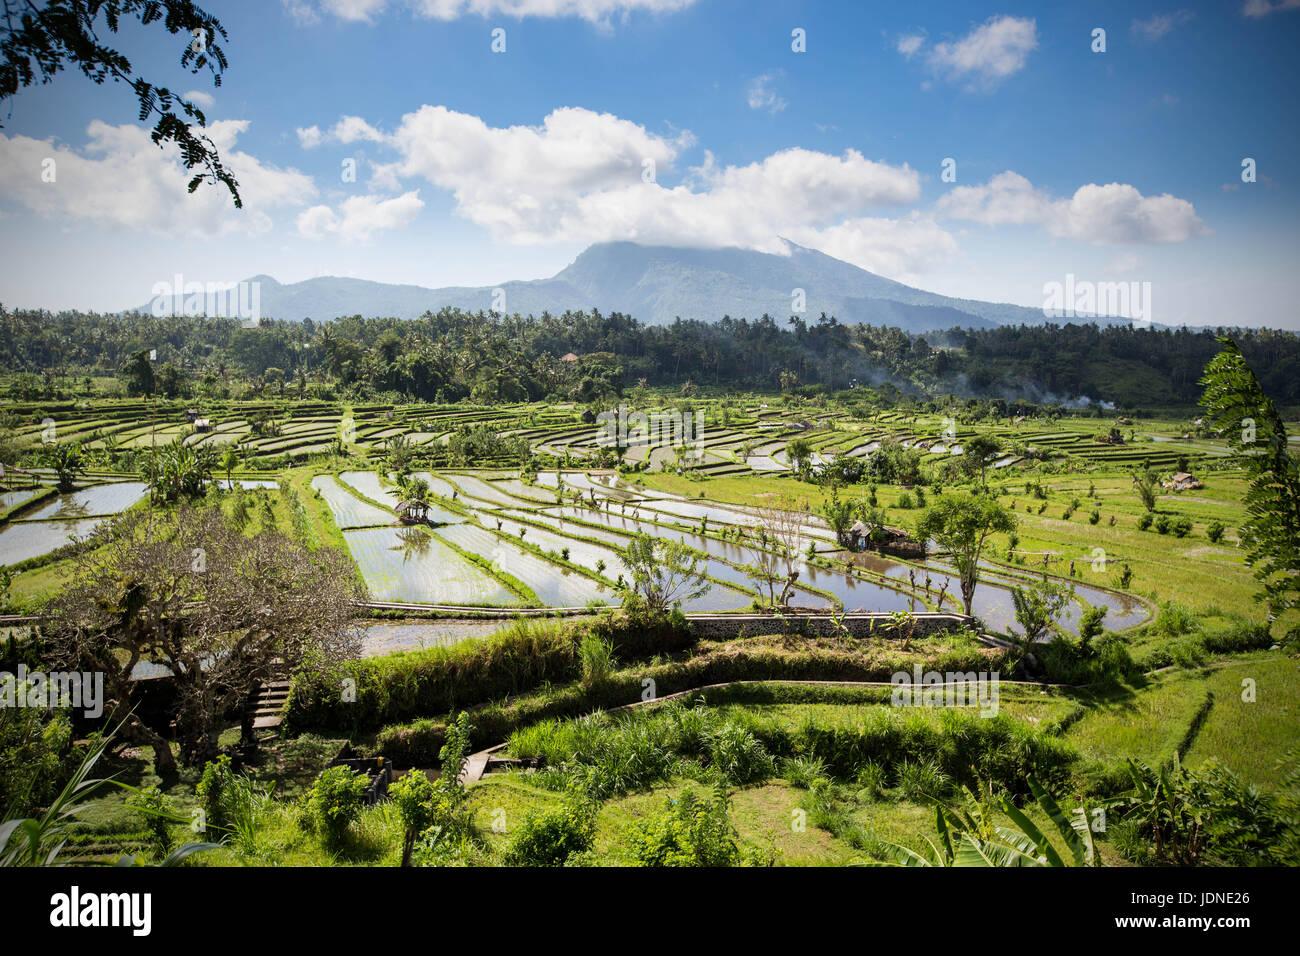 Les rizières de riz dans le nord près de bali ubud avec Mont Agung en arrière-plan Photo Stock